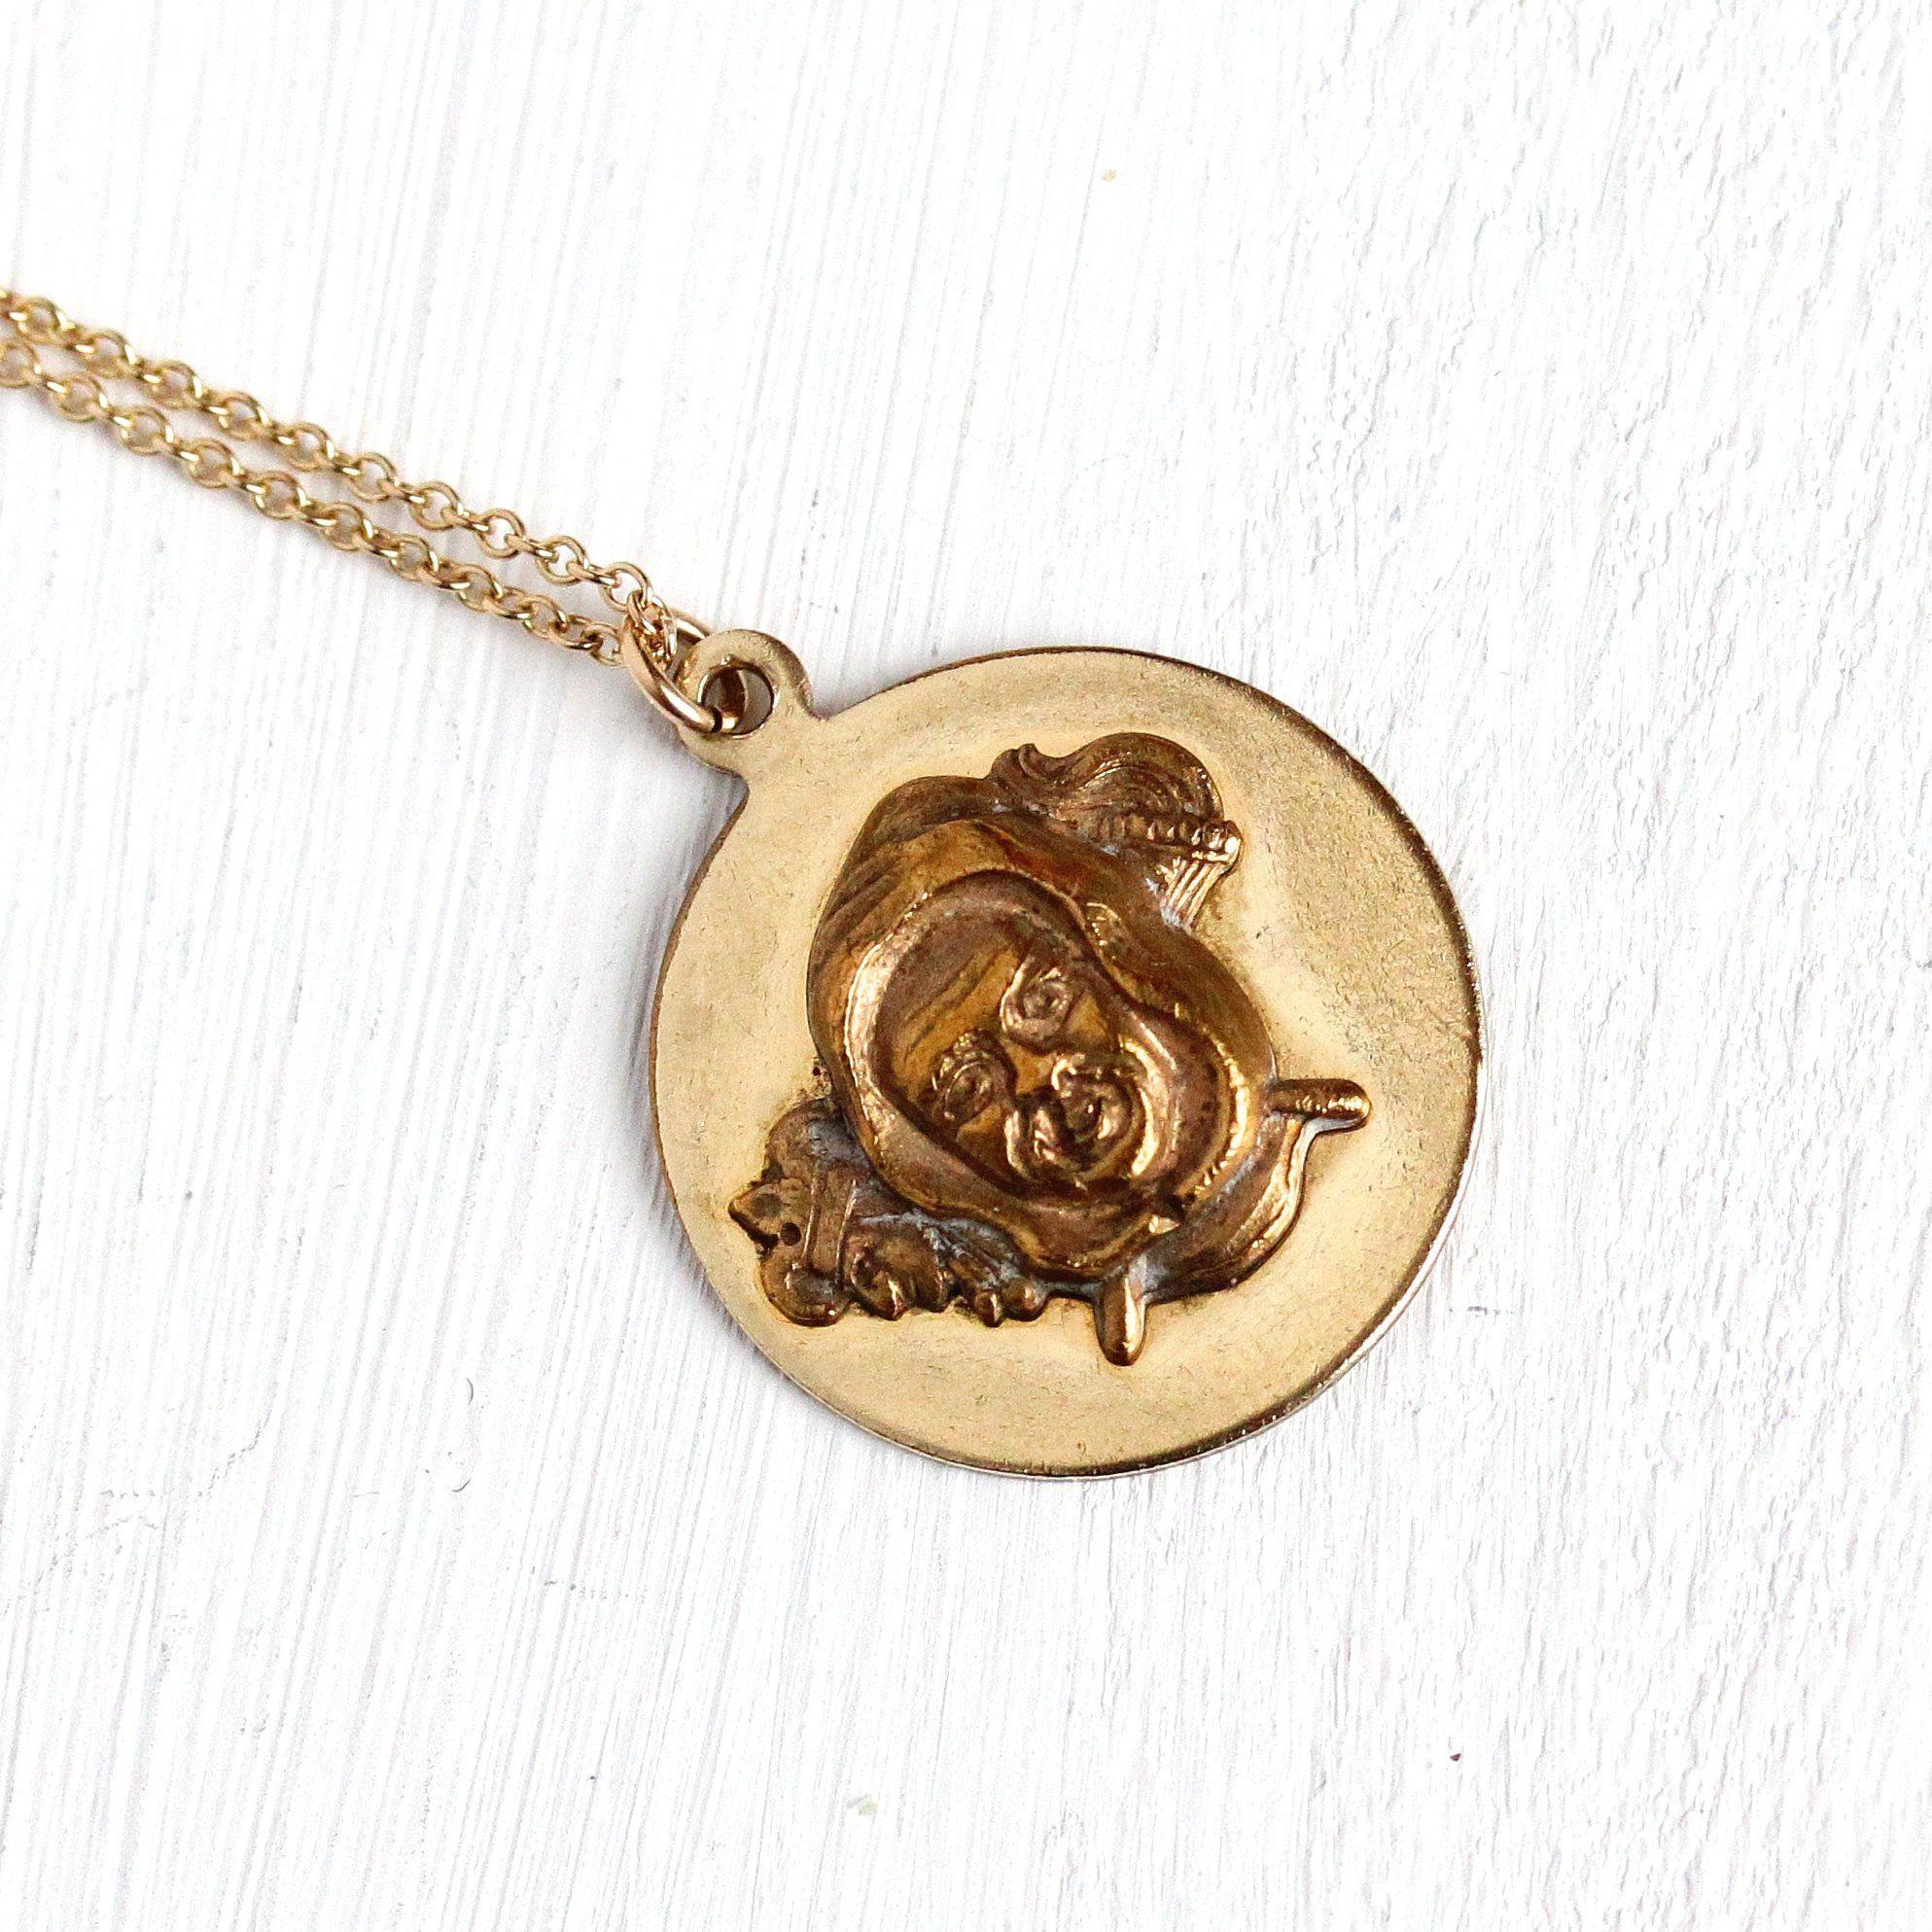 Pin By Maejean Vintage On Maejean Vintage Necklaces Pendant Necklace Vintage Necklace Necklace